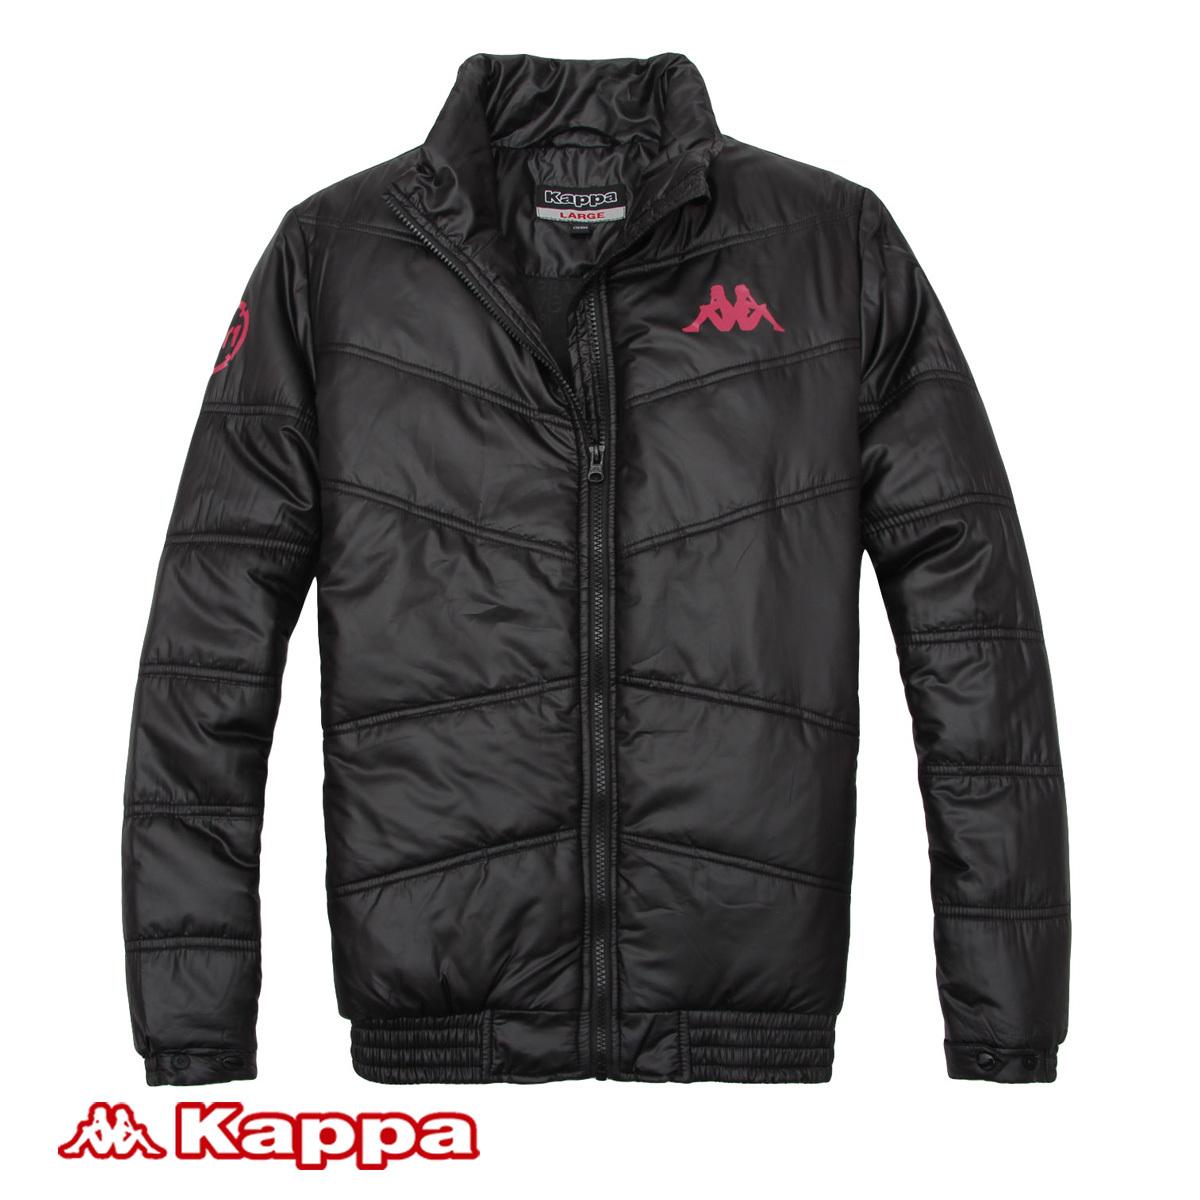 Куртка, Спортивный костюм Kappa k2104mm549/567 K2104MM549